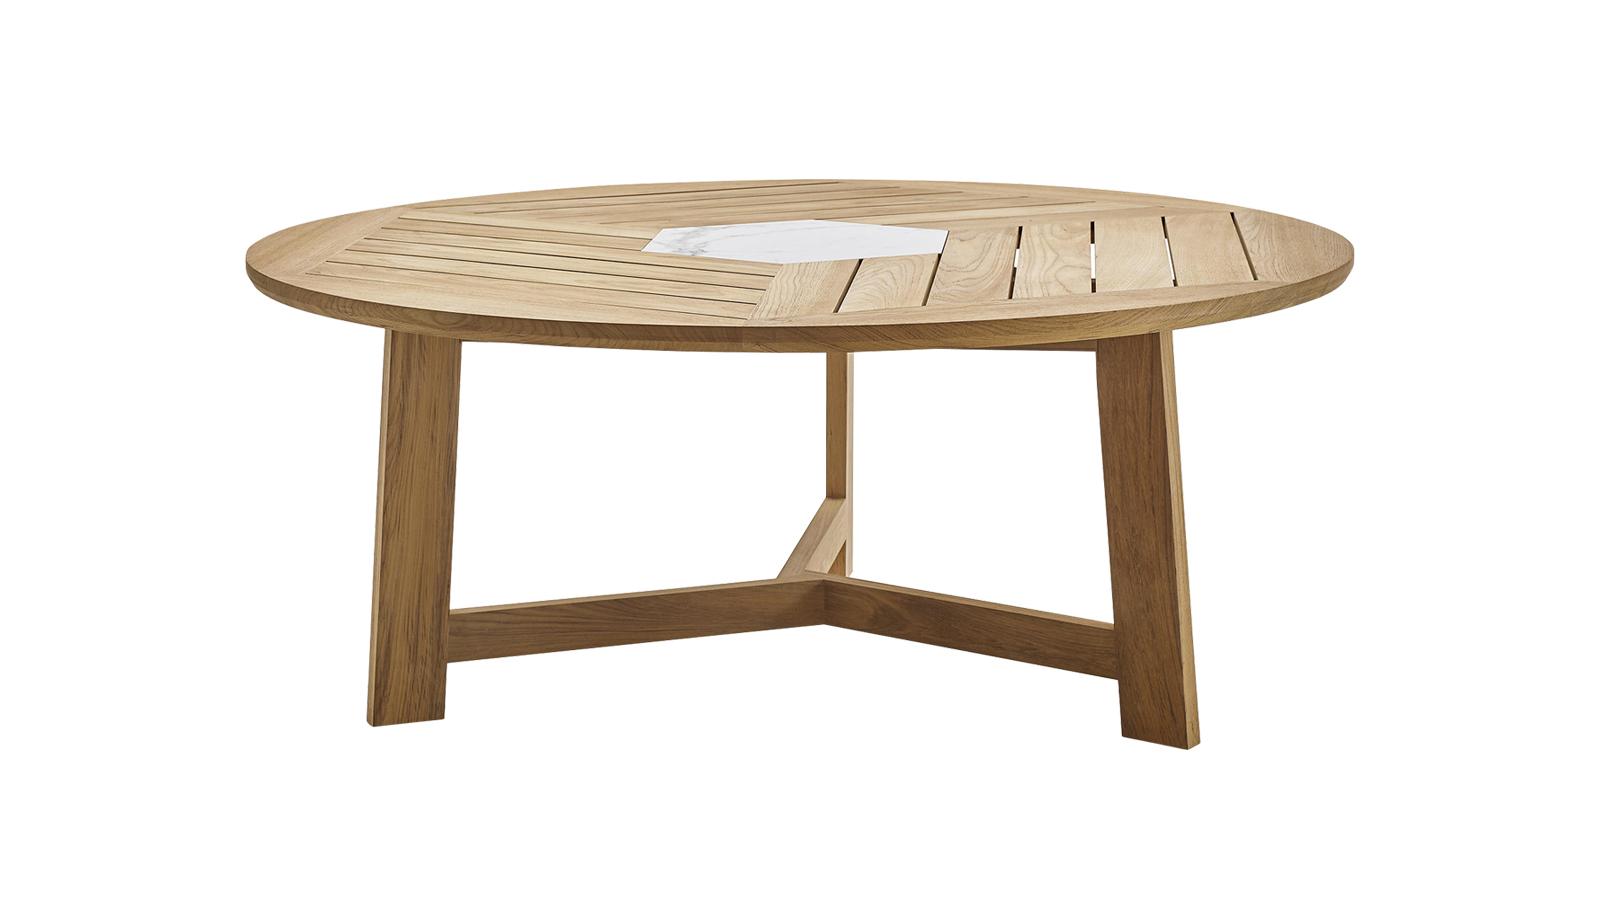 A Ginestra asztalok a B&B Italia nagyméretű büszkeségei szögletes és kerek változatokban, melyek közös ismertetőjelei a természetes teakfa részletek és a Calacattai porcelán betét. A Ginestrát 2017-ben álmodta meg Antonio Citterio, a márka egyik kedvenc designere. A kollekcióhoz egy teakfa szék is tartozik, melyet egyértelműen az északi trendek ihlettek és a fonott mintázatú polipropilén szövet ad neki különleges karaktert, rendkívül ellenálló képességével az időjárás viszontagságaival szemben.